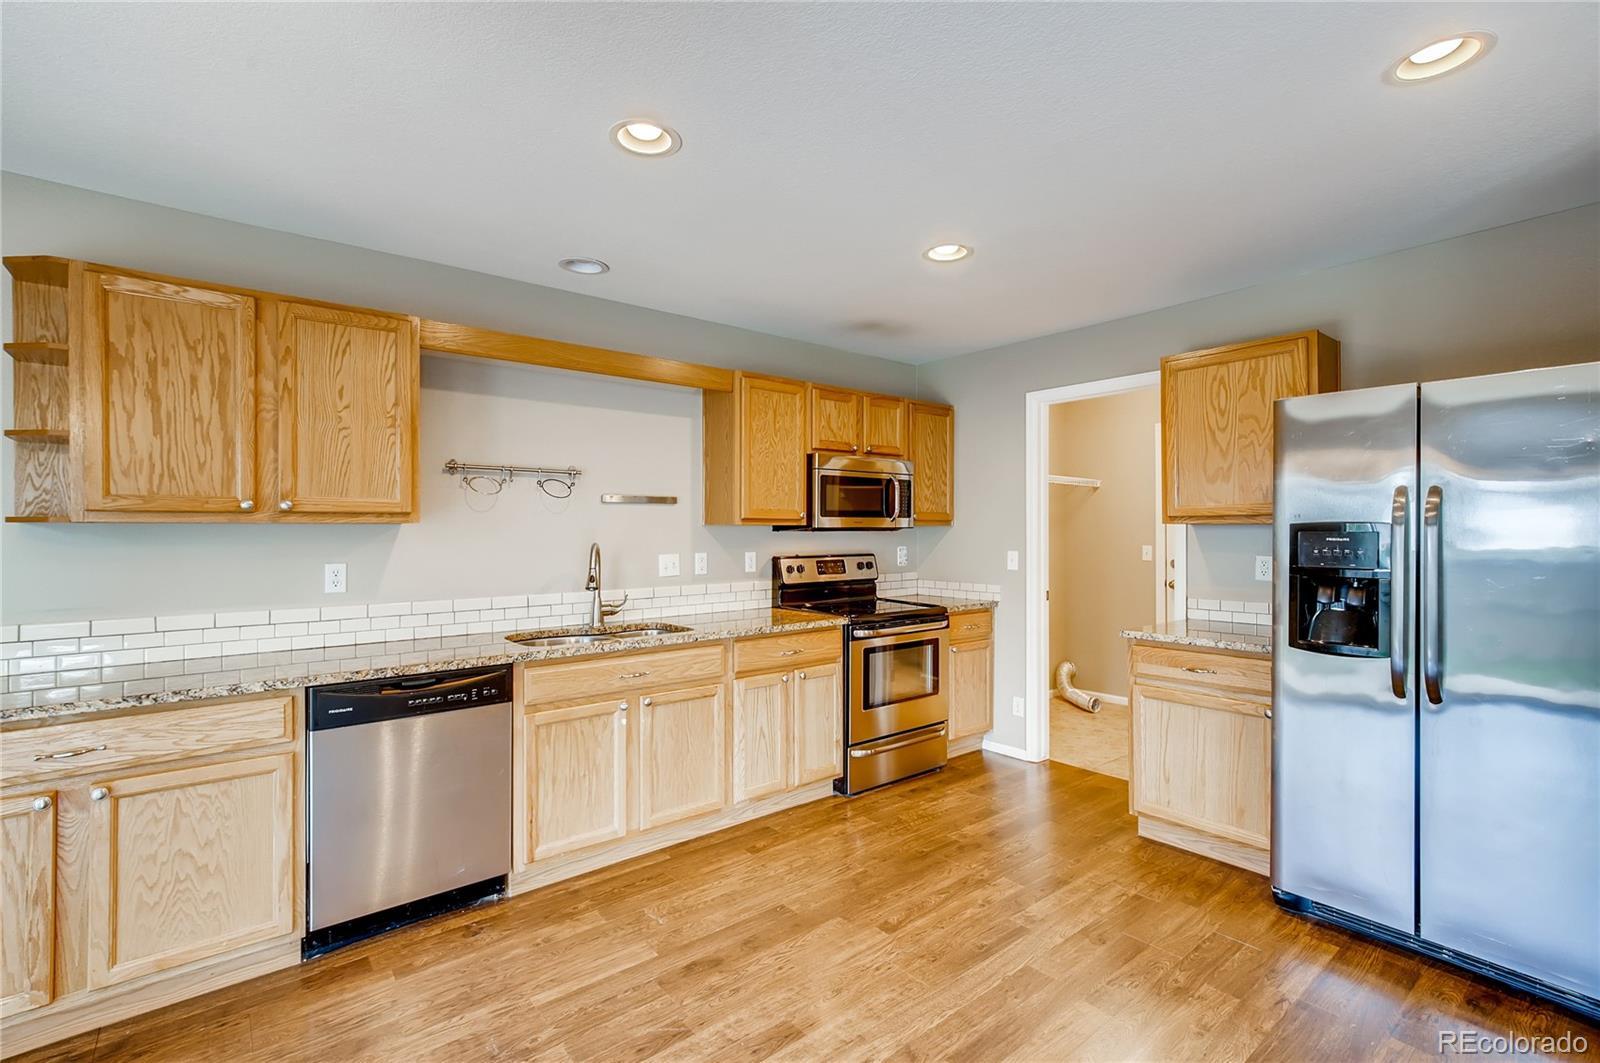 MLS# 6875065 - 9 - 5933 Turnstone Place, Castle Rock, CO 80104